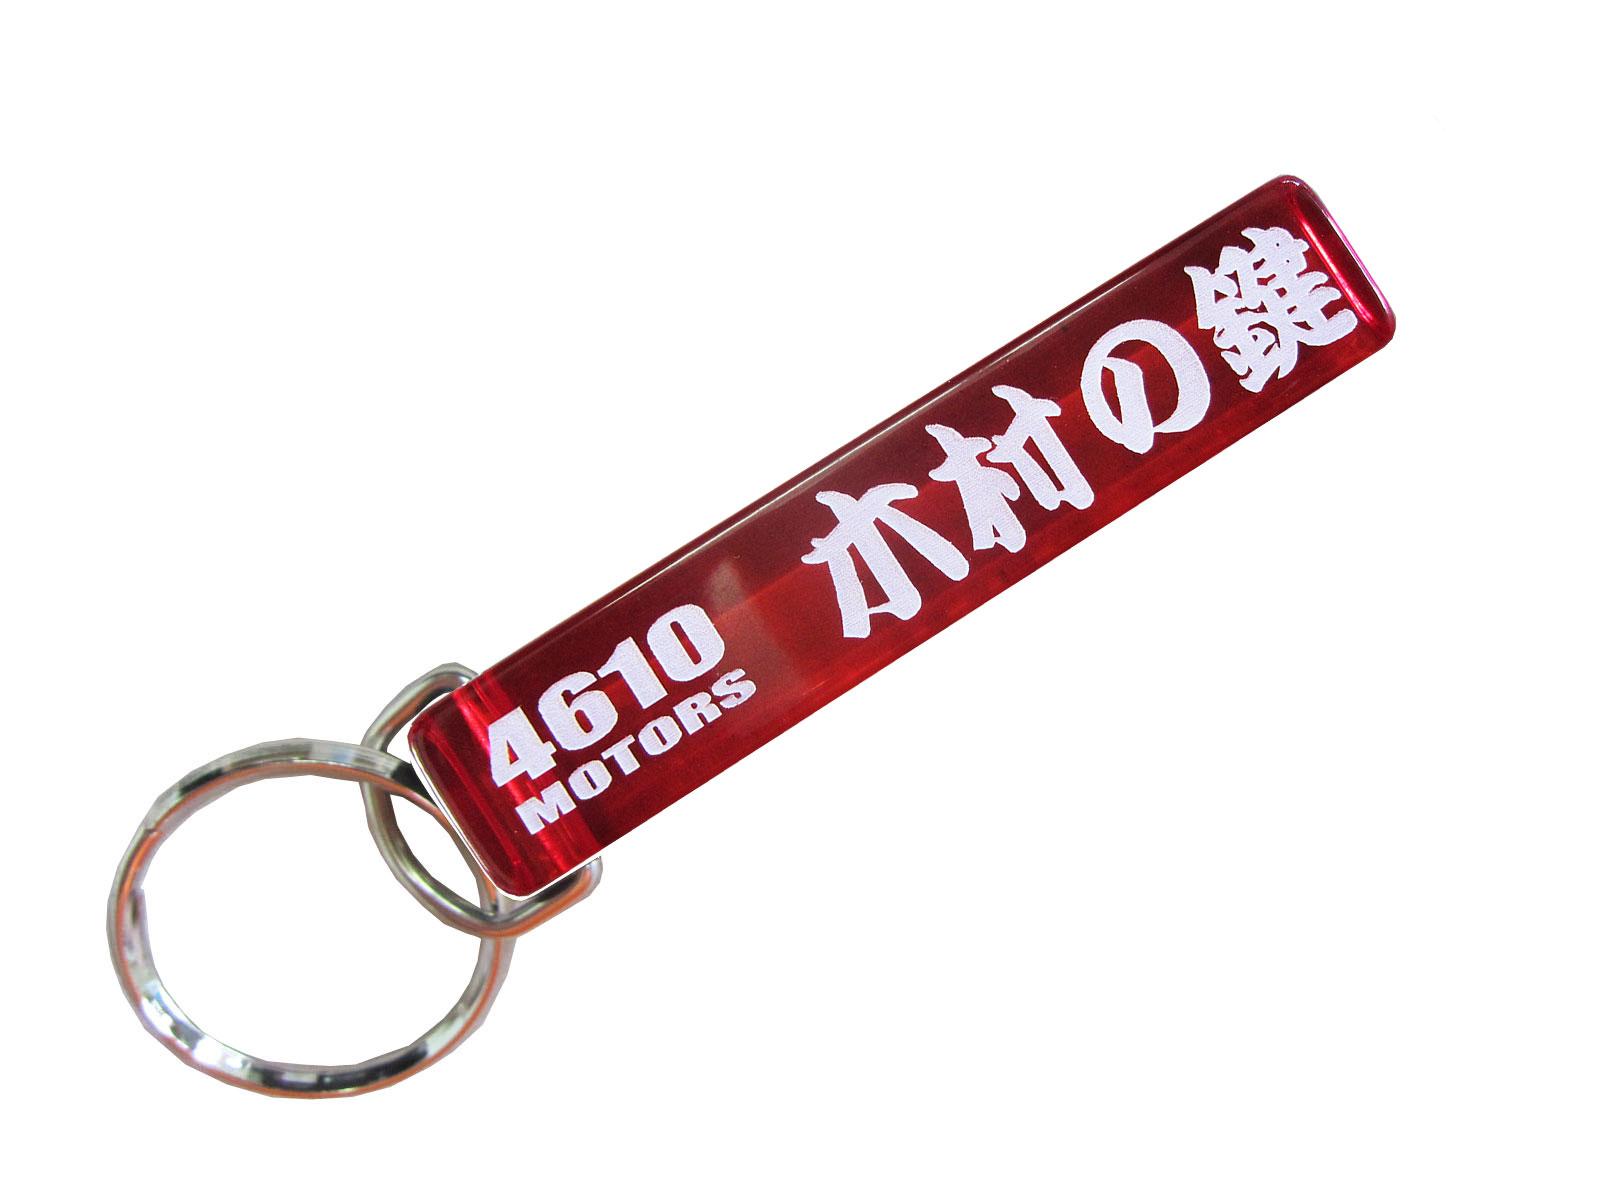 ミニホテルキーホルダー 木村の鍵・RED